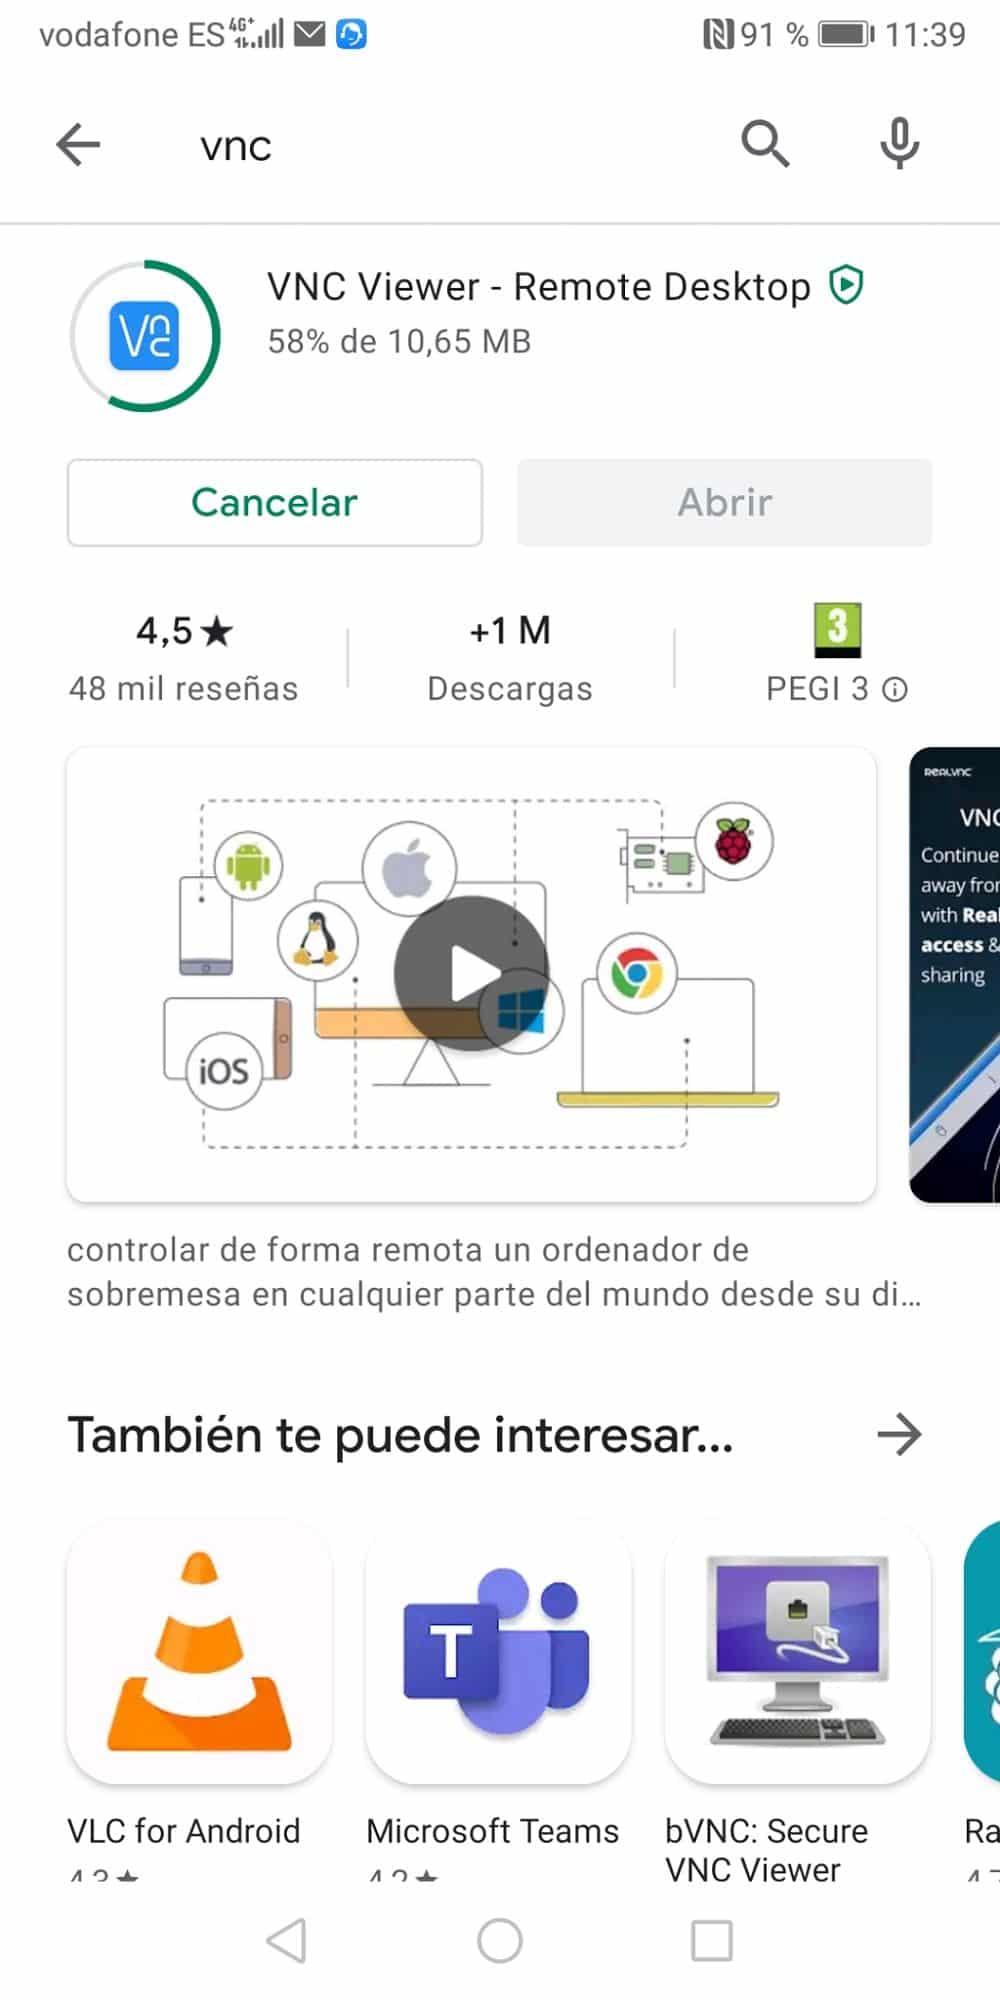 Descargando la App para control remoto de tus pantallas HMI